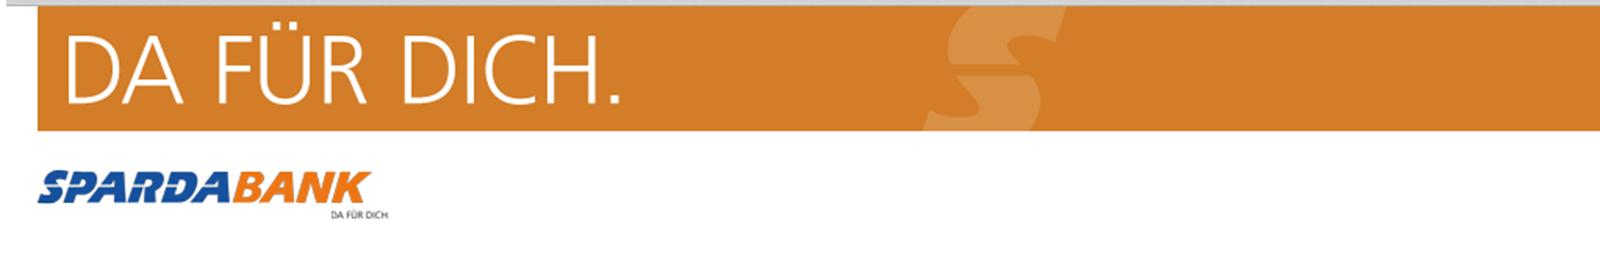 War Es Früher Rot Schwarz Sepia, So Ist Es Jetzt Blau Und Orange. Der  Orange Ton Ist Recht Bräunlich Und Strahlt Zu Wenig. Kombiniert Wird Das  Ganze Mit ...